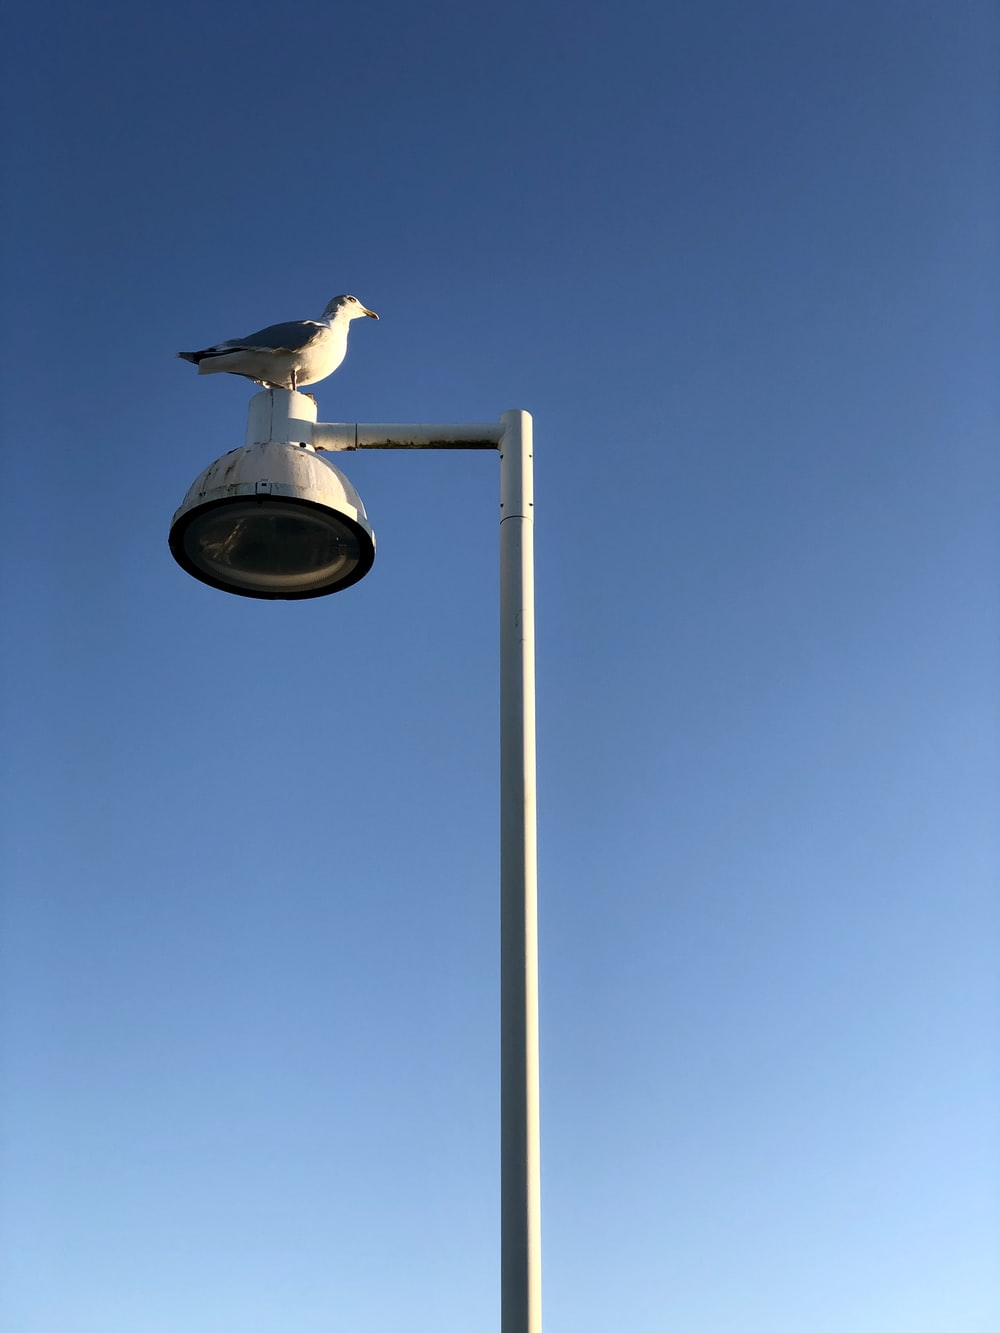 white bird on gray street light during daytime